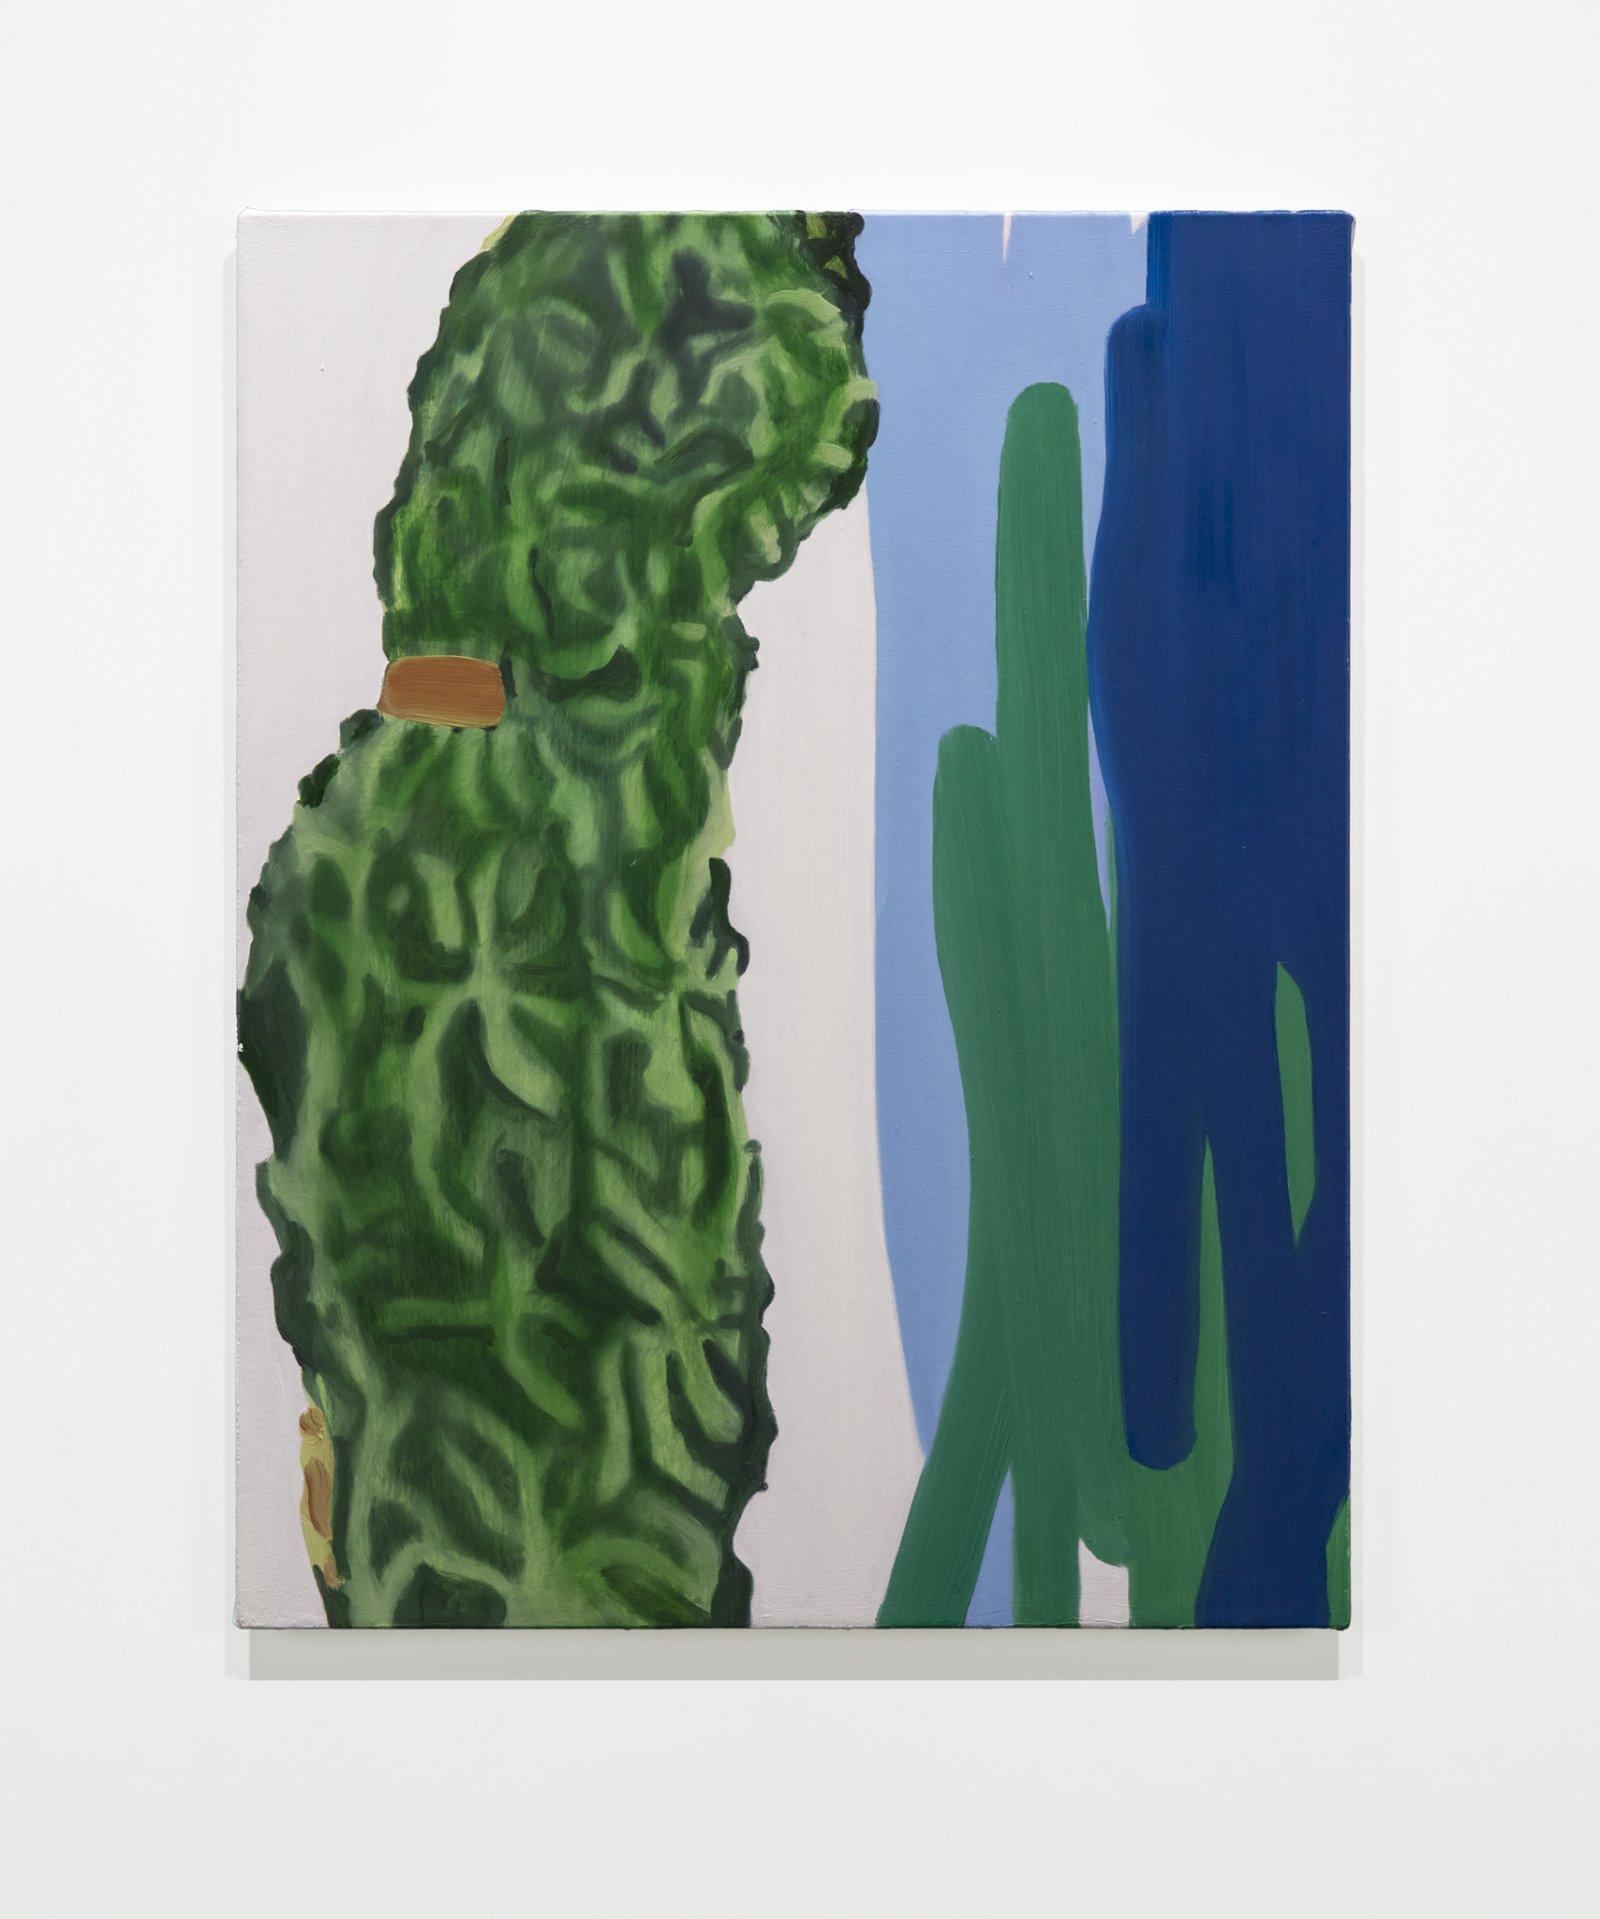 Elizabeth McIntosh, Blue, 2019, oil on canvas, 28 x 22 in. (71 x 56 cm) by Elizabeth McIntosh